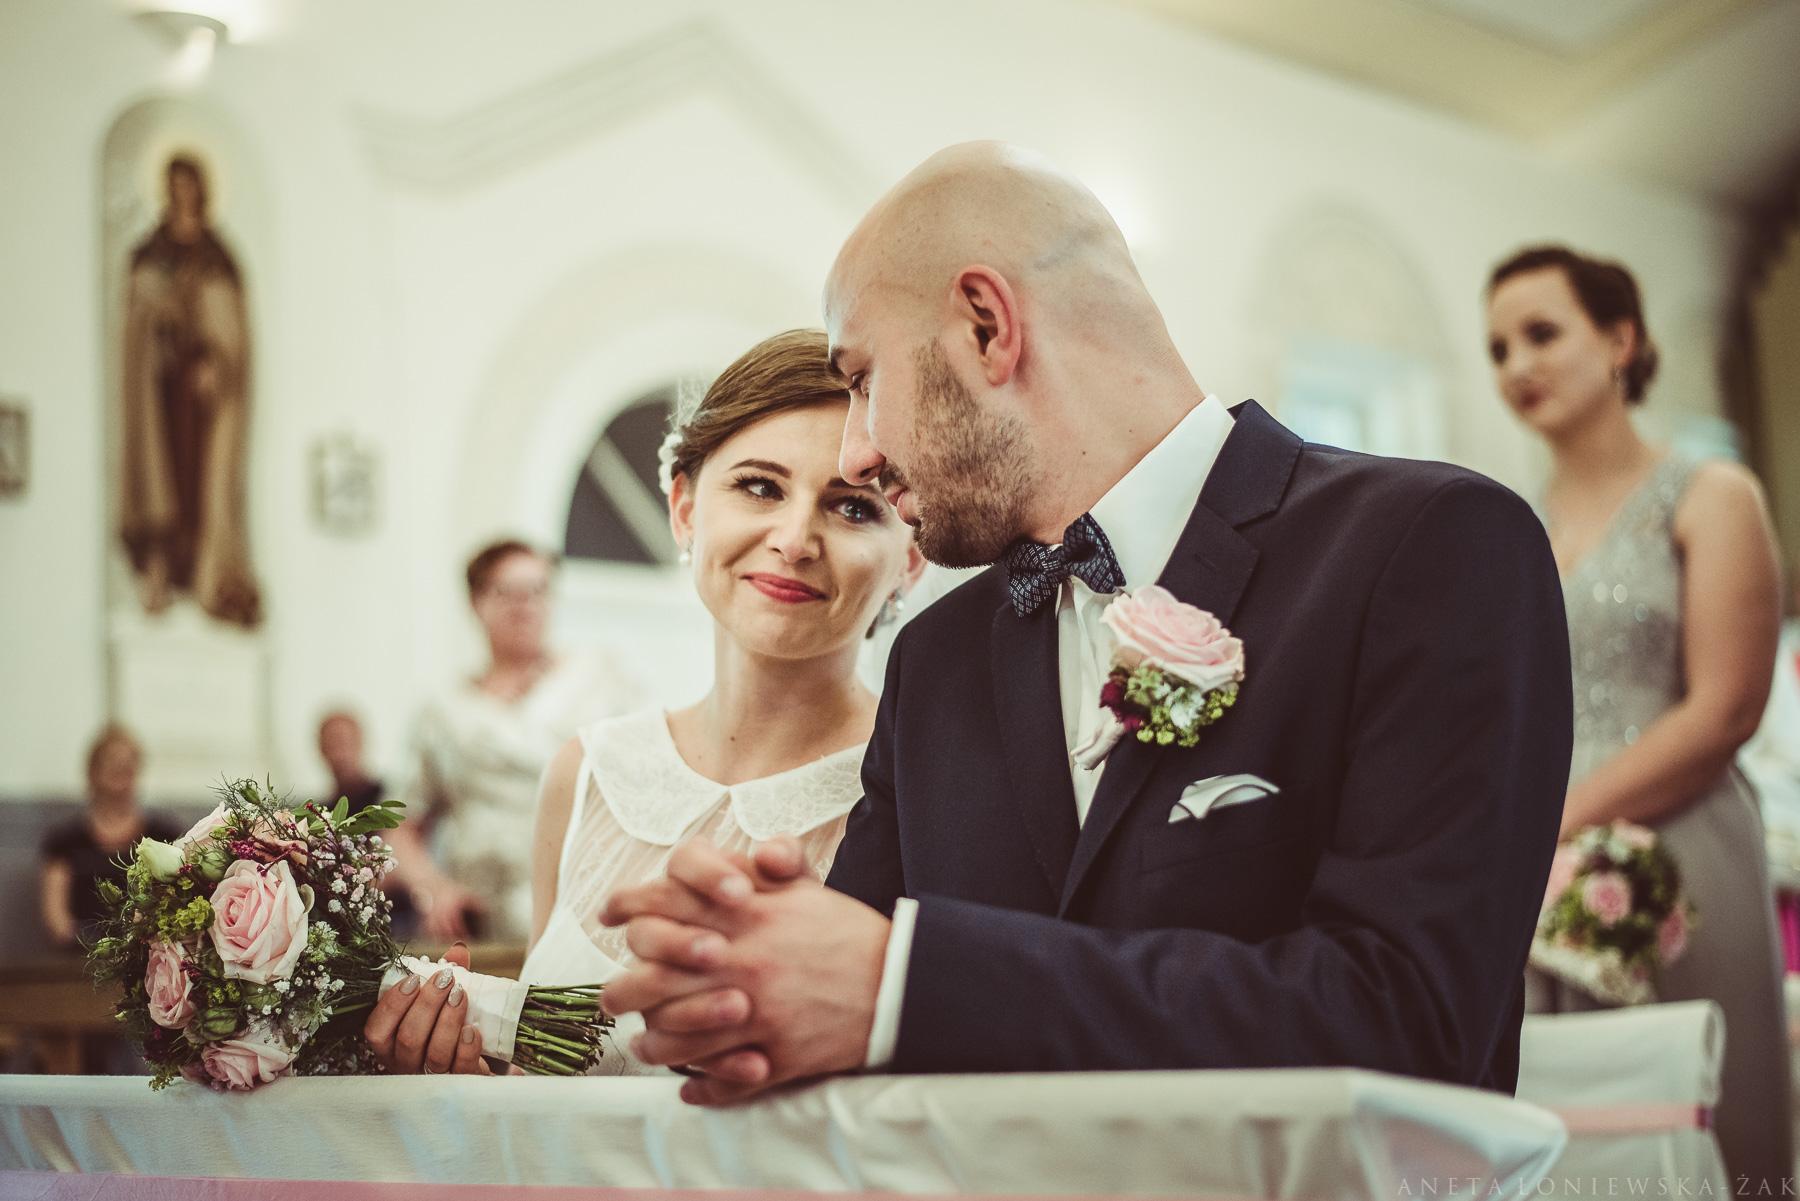 fotograf ślubny Białystok, fotograf ślubny podlaskie, ślub plenerowy podlasie, ślub rustykalny białystok, naturalna fotografia ślubna